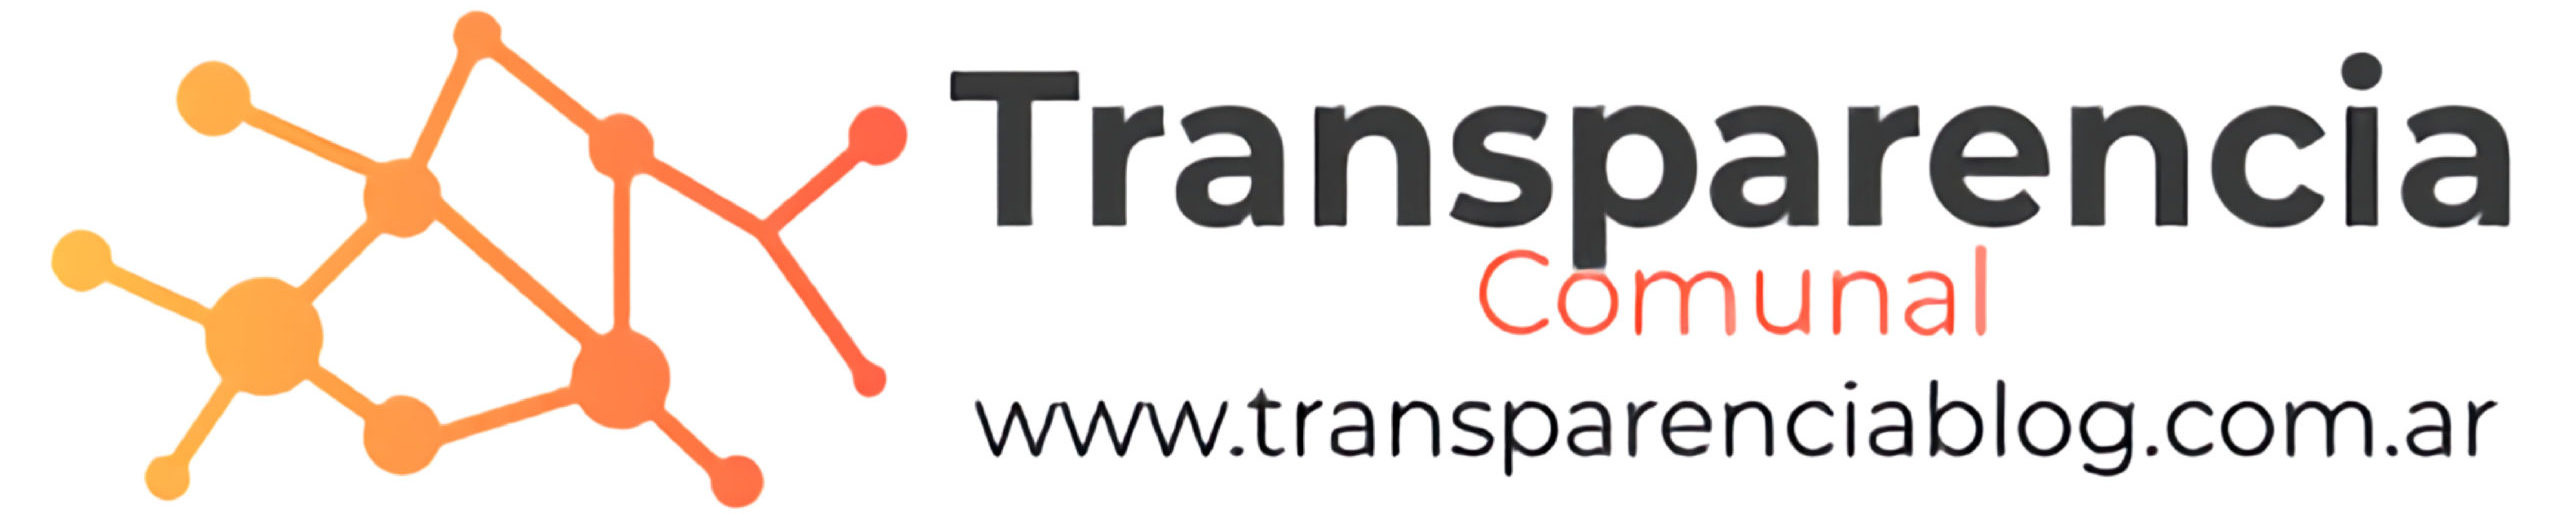 Transparencia Comunal